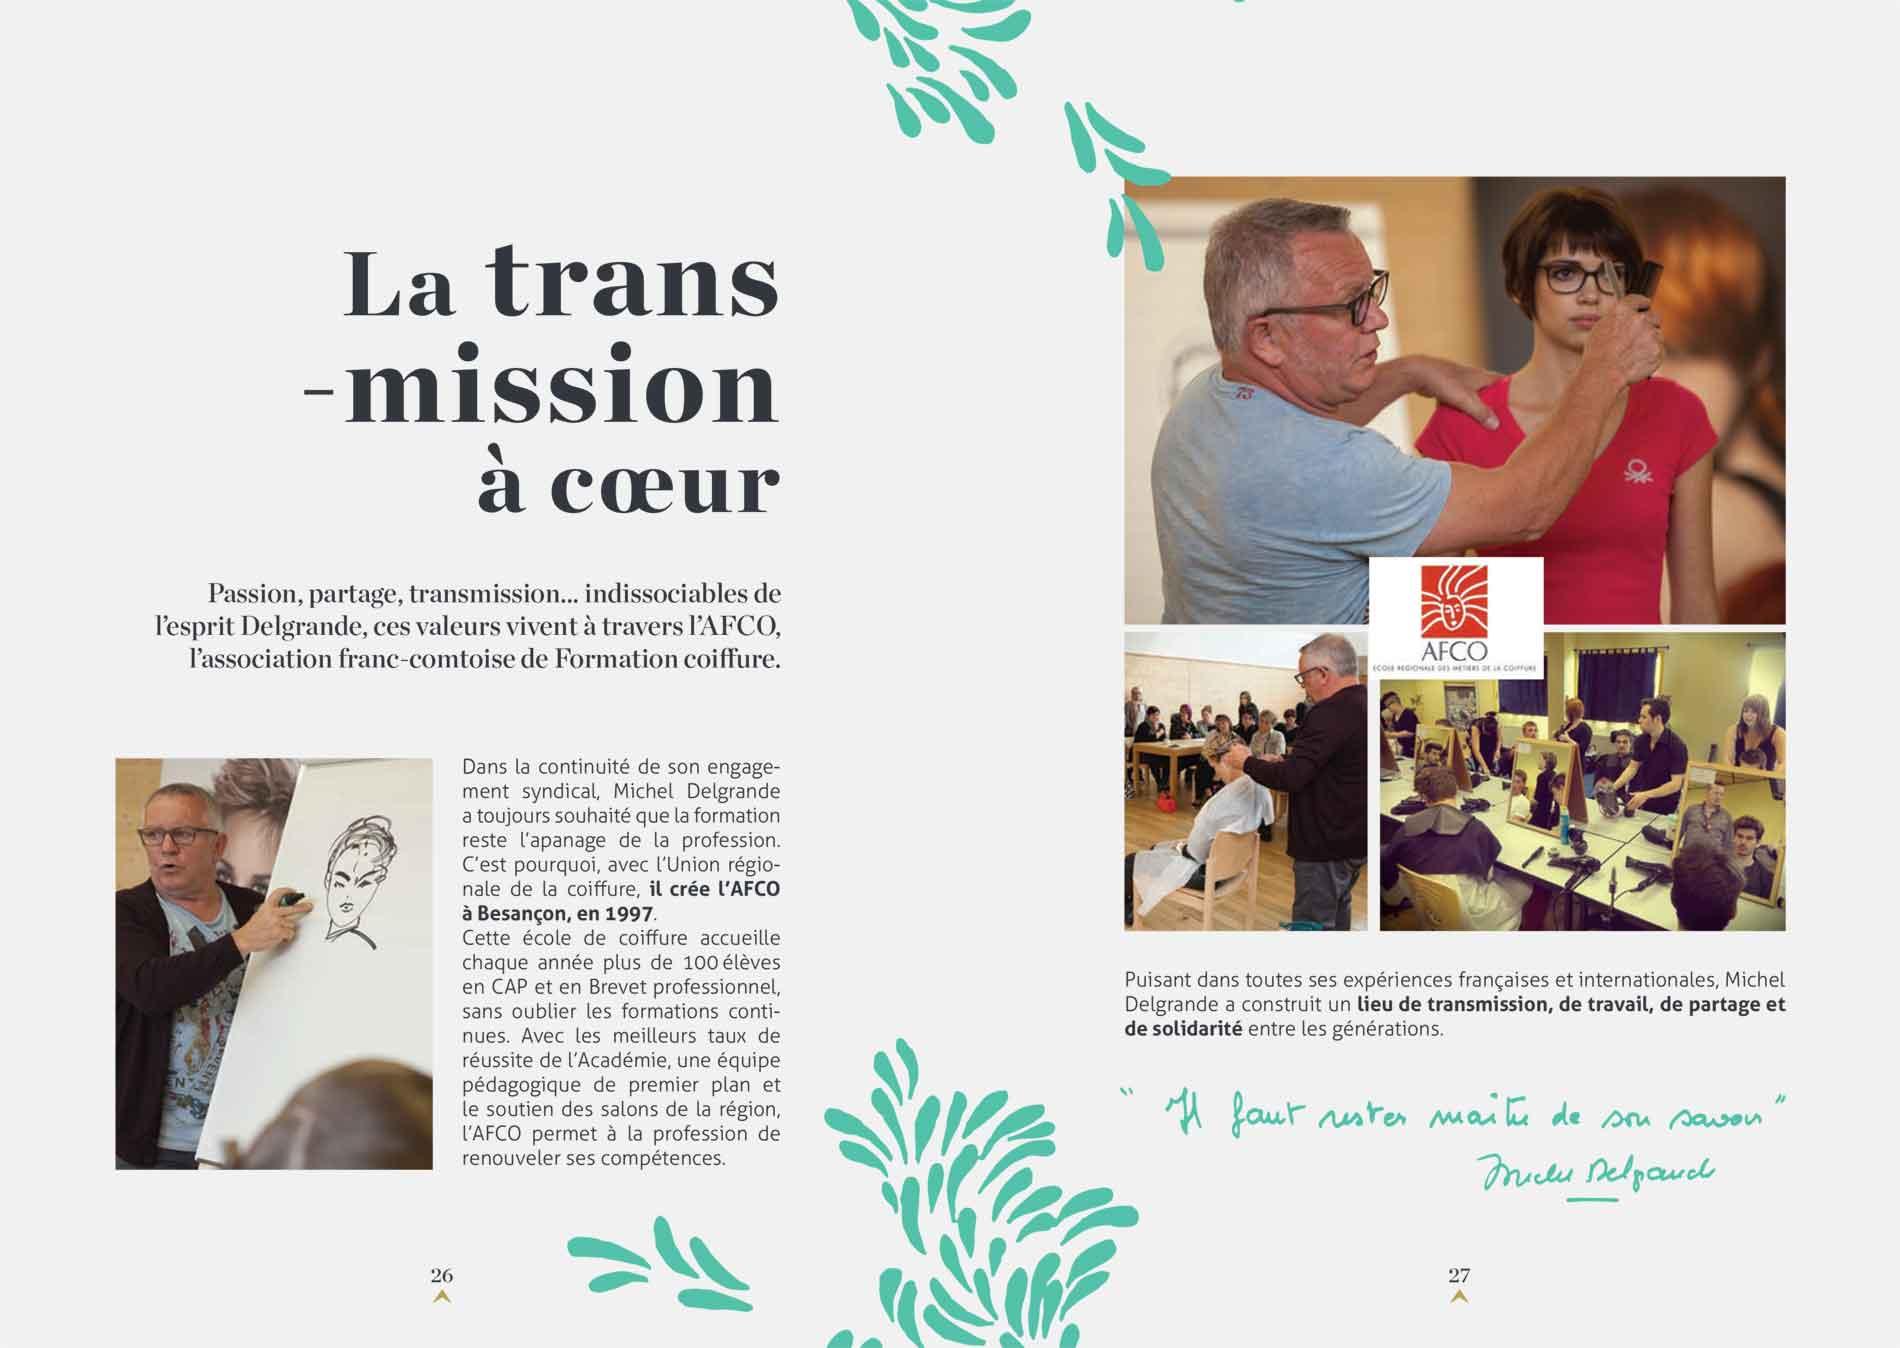 Biographie d'entreprise - Michel Delgrande